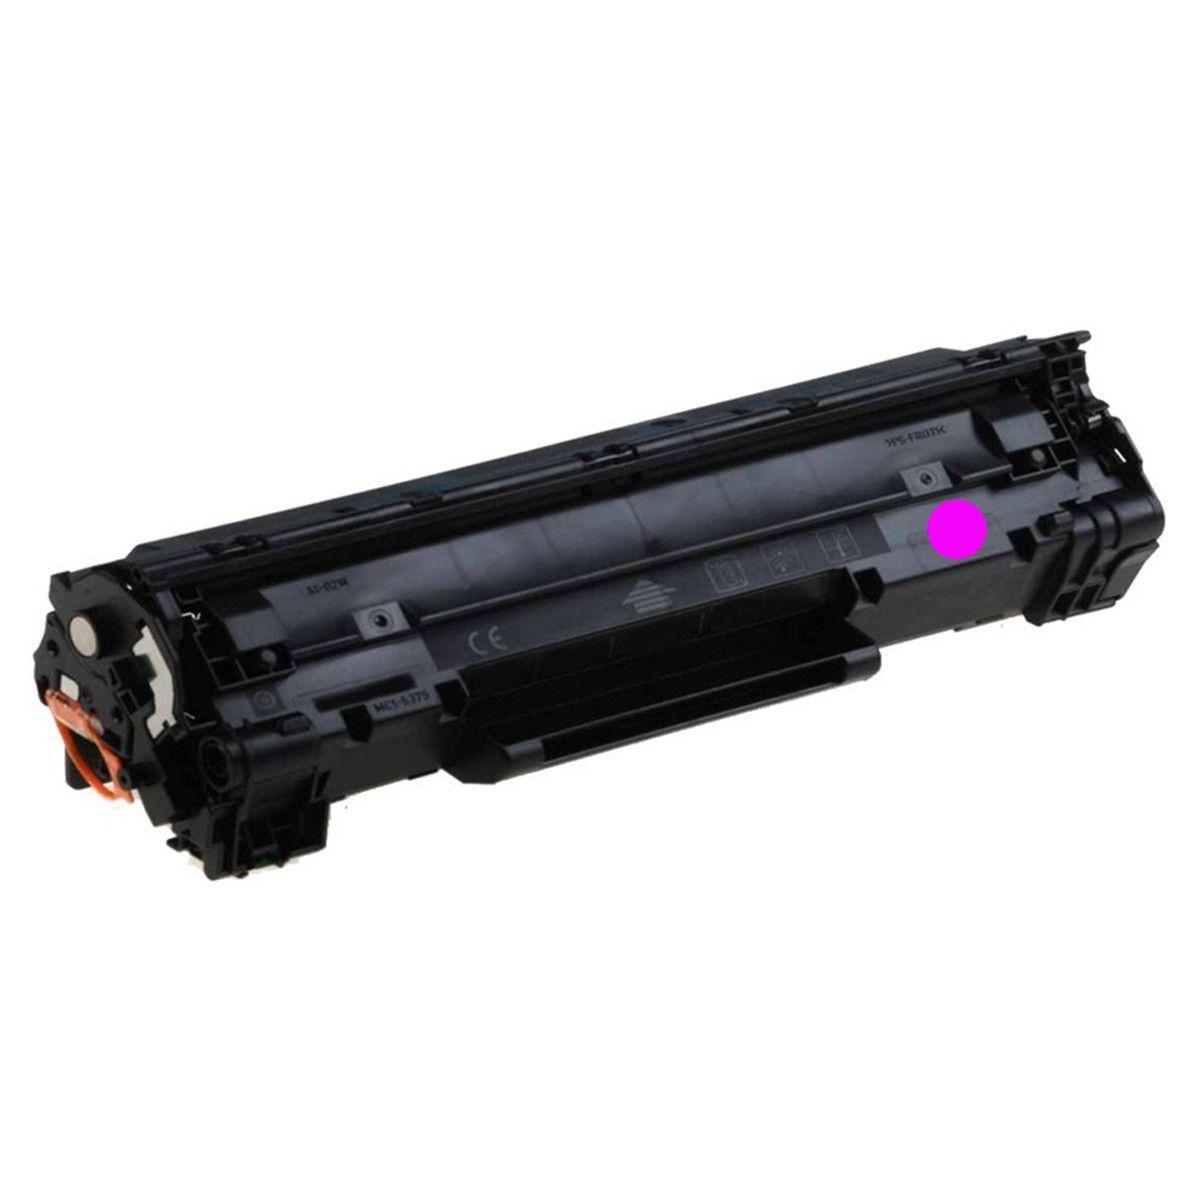 TONER COMPATÍVEL COM HP CF403A CF403AB 201A M252DW M277DW M252 M277 Magenta 1.400 Páginas - Cartucho & Cia